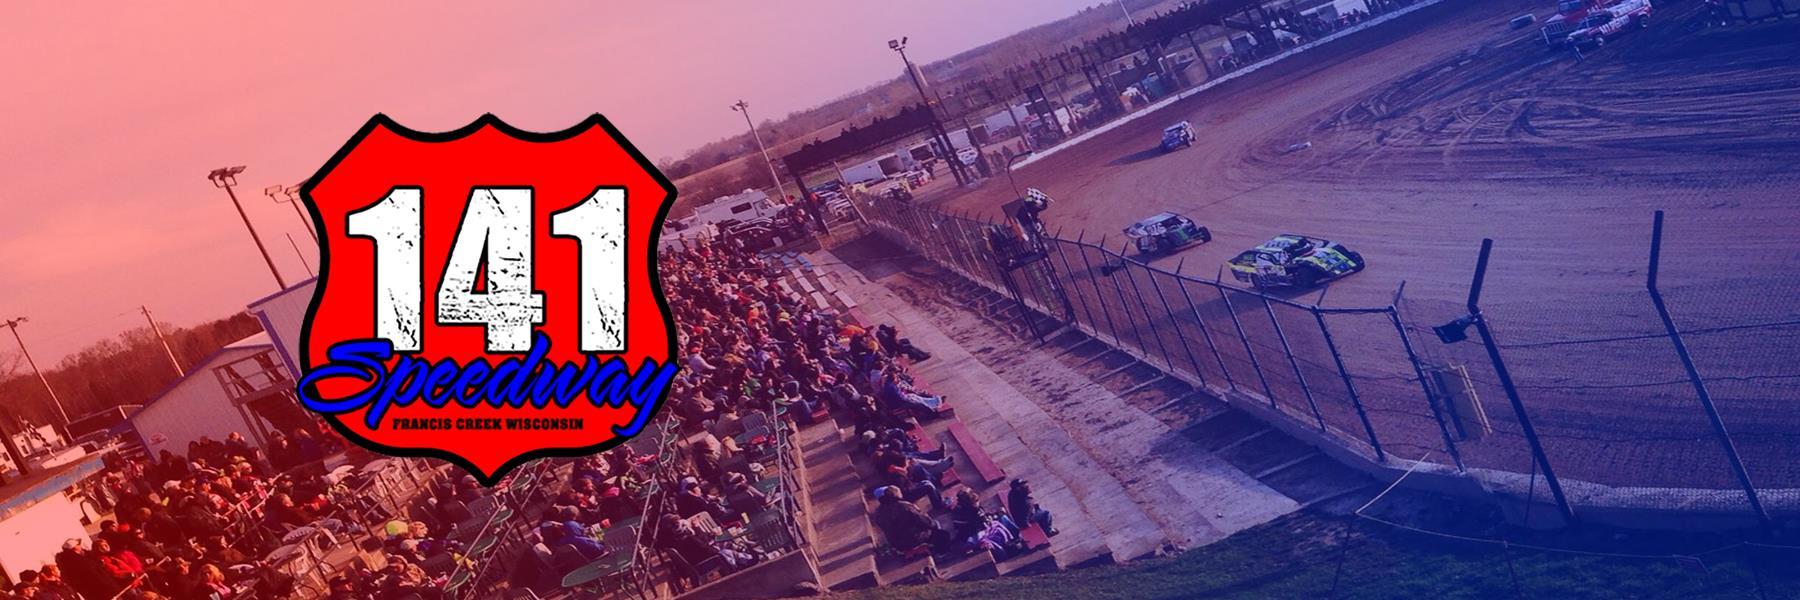 5/30/2021 - 141 Speedway